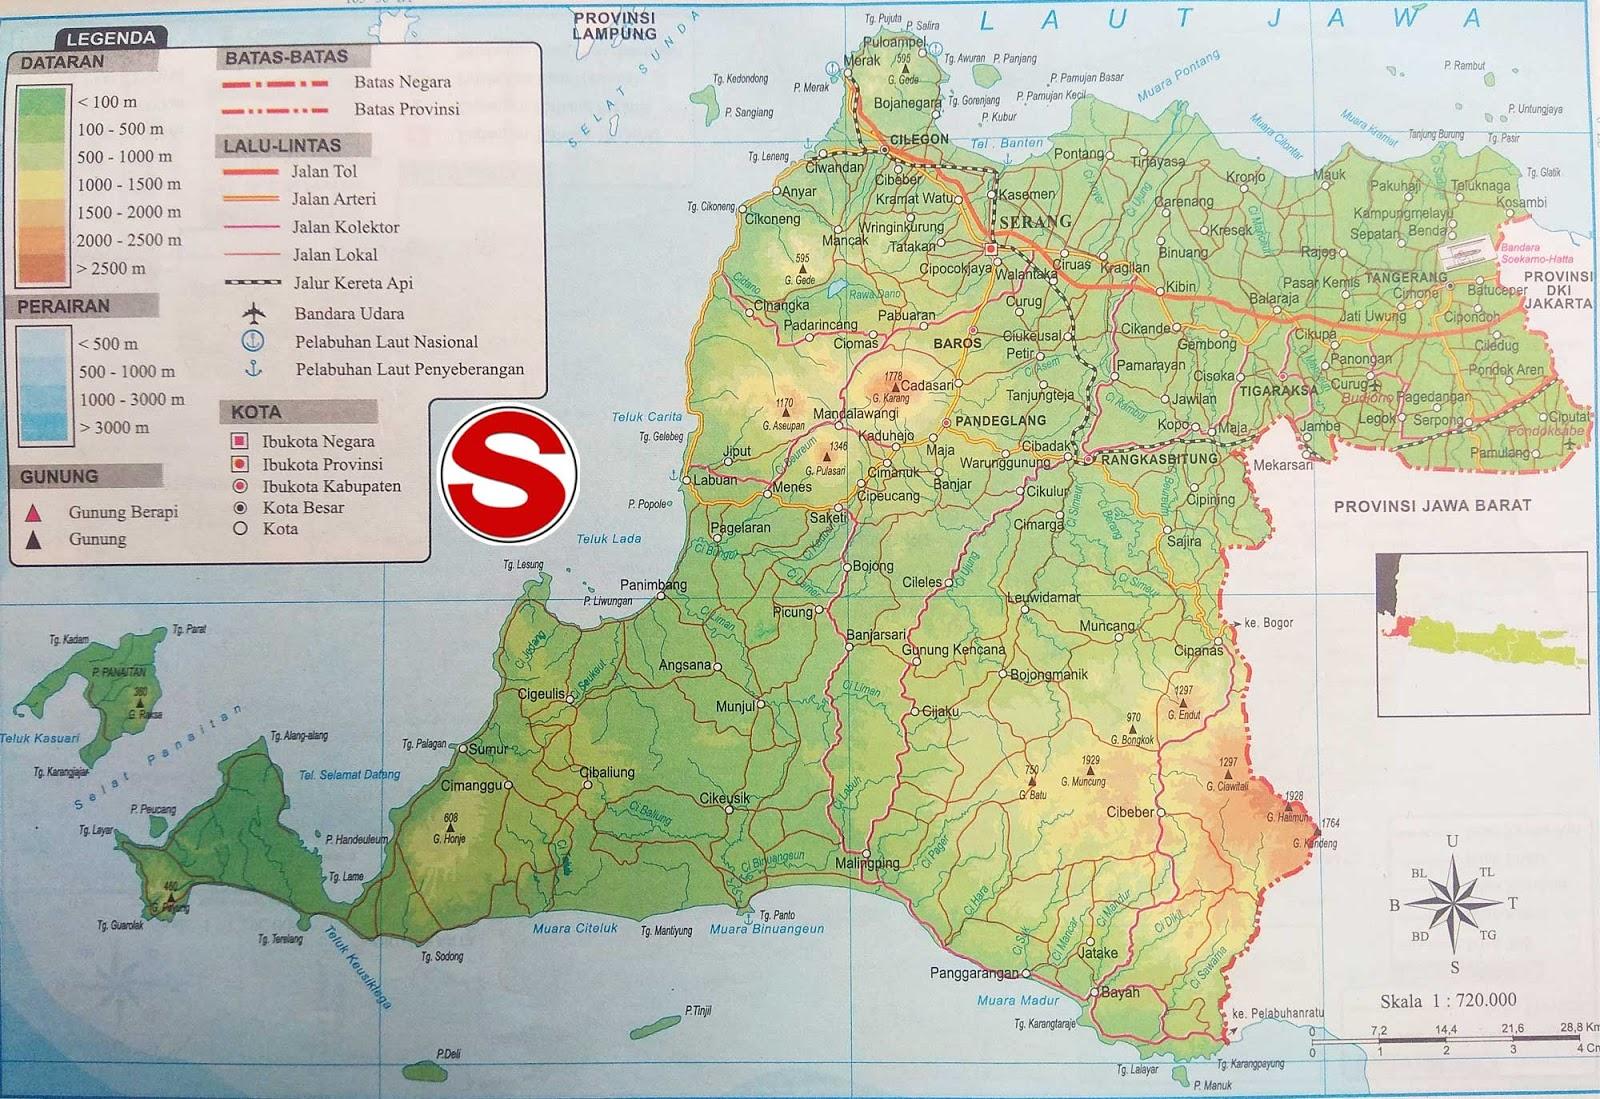 Peta Atlas Provinsi Banten di bawah ini mencakup peta dataran Peta Atlas Provinsi Banten